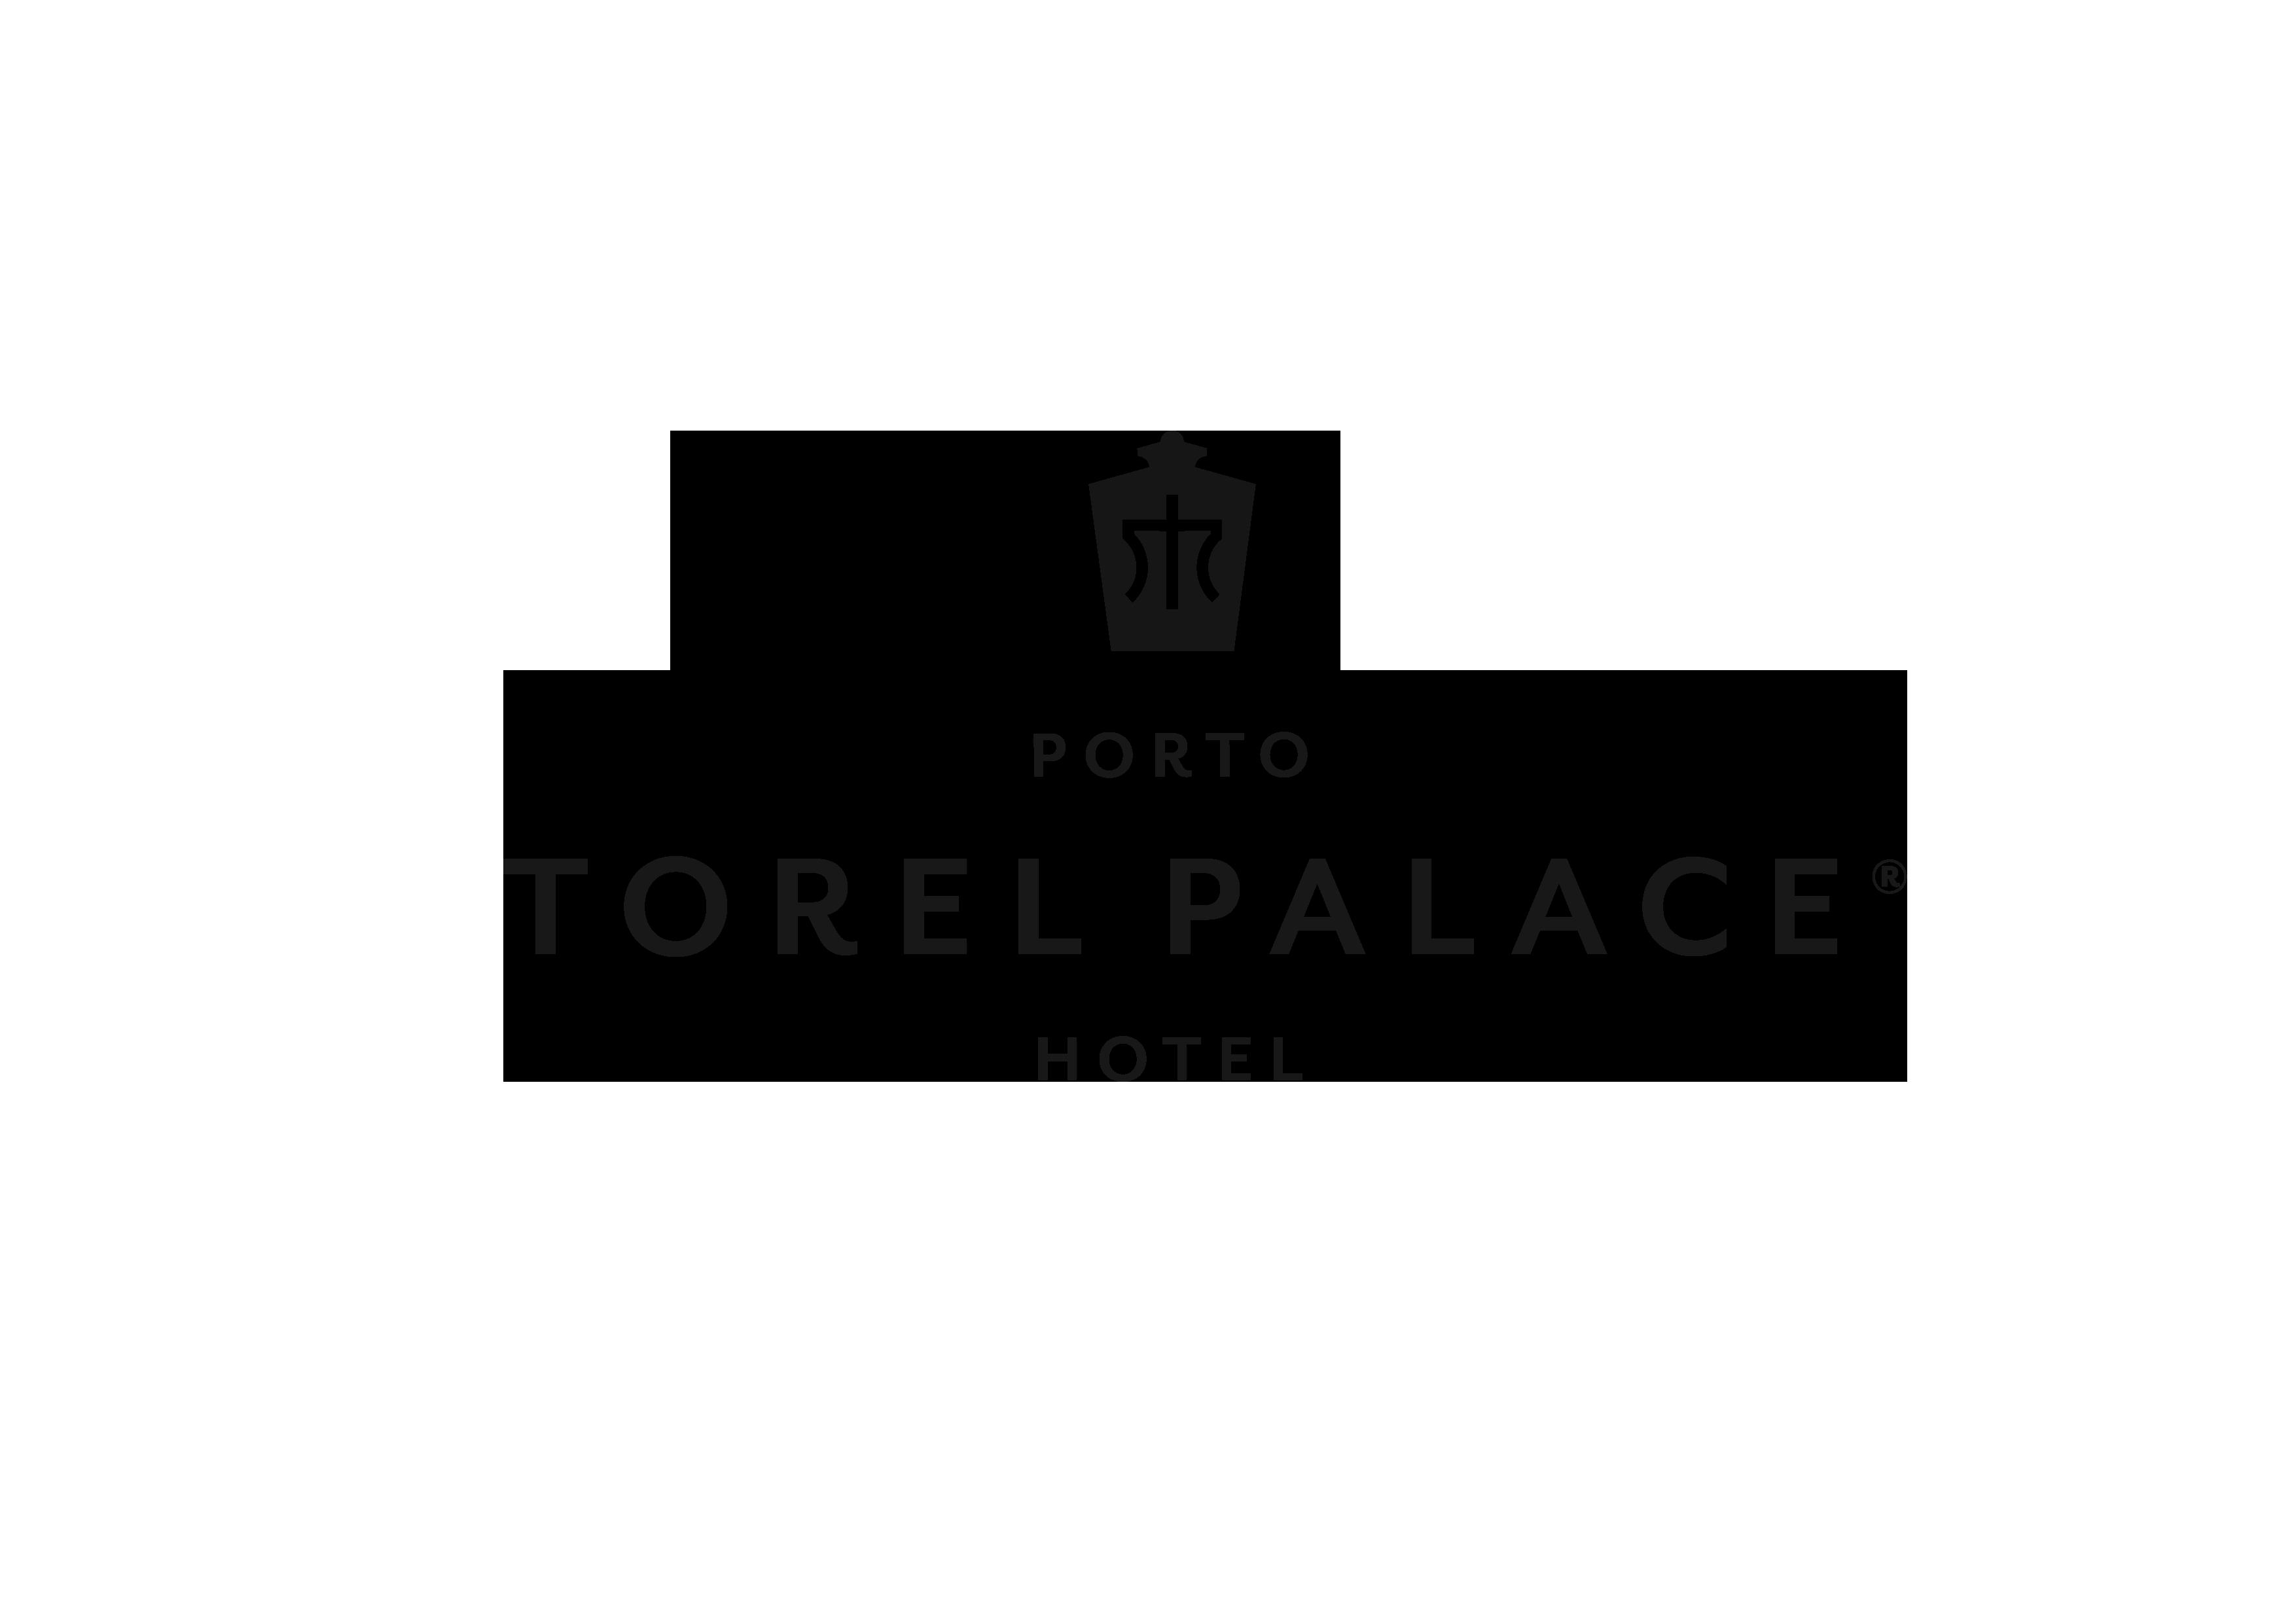 Logo-TOREL-PORTO-5